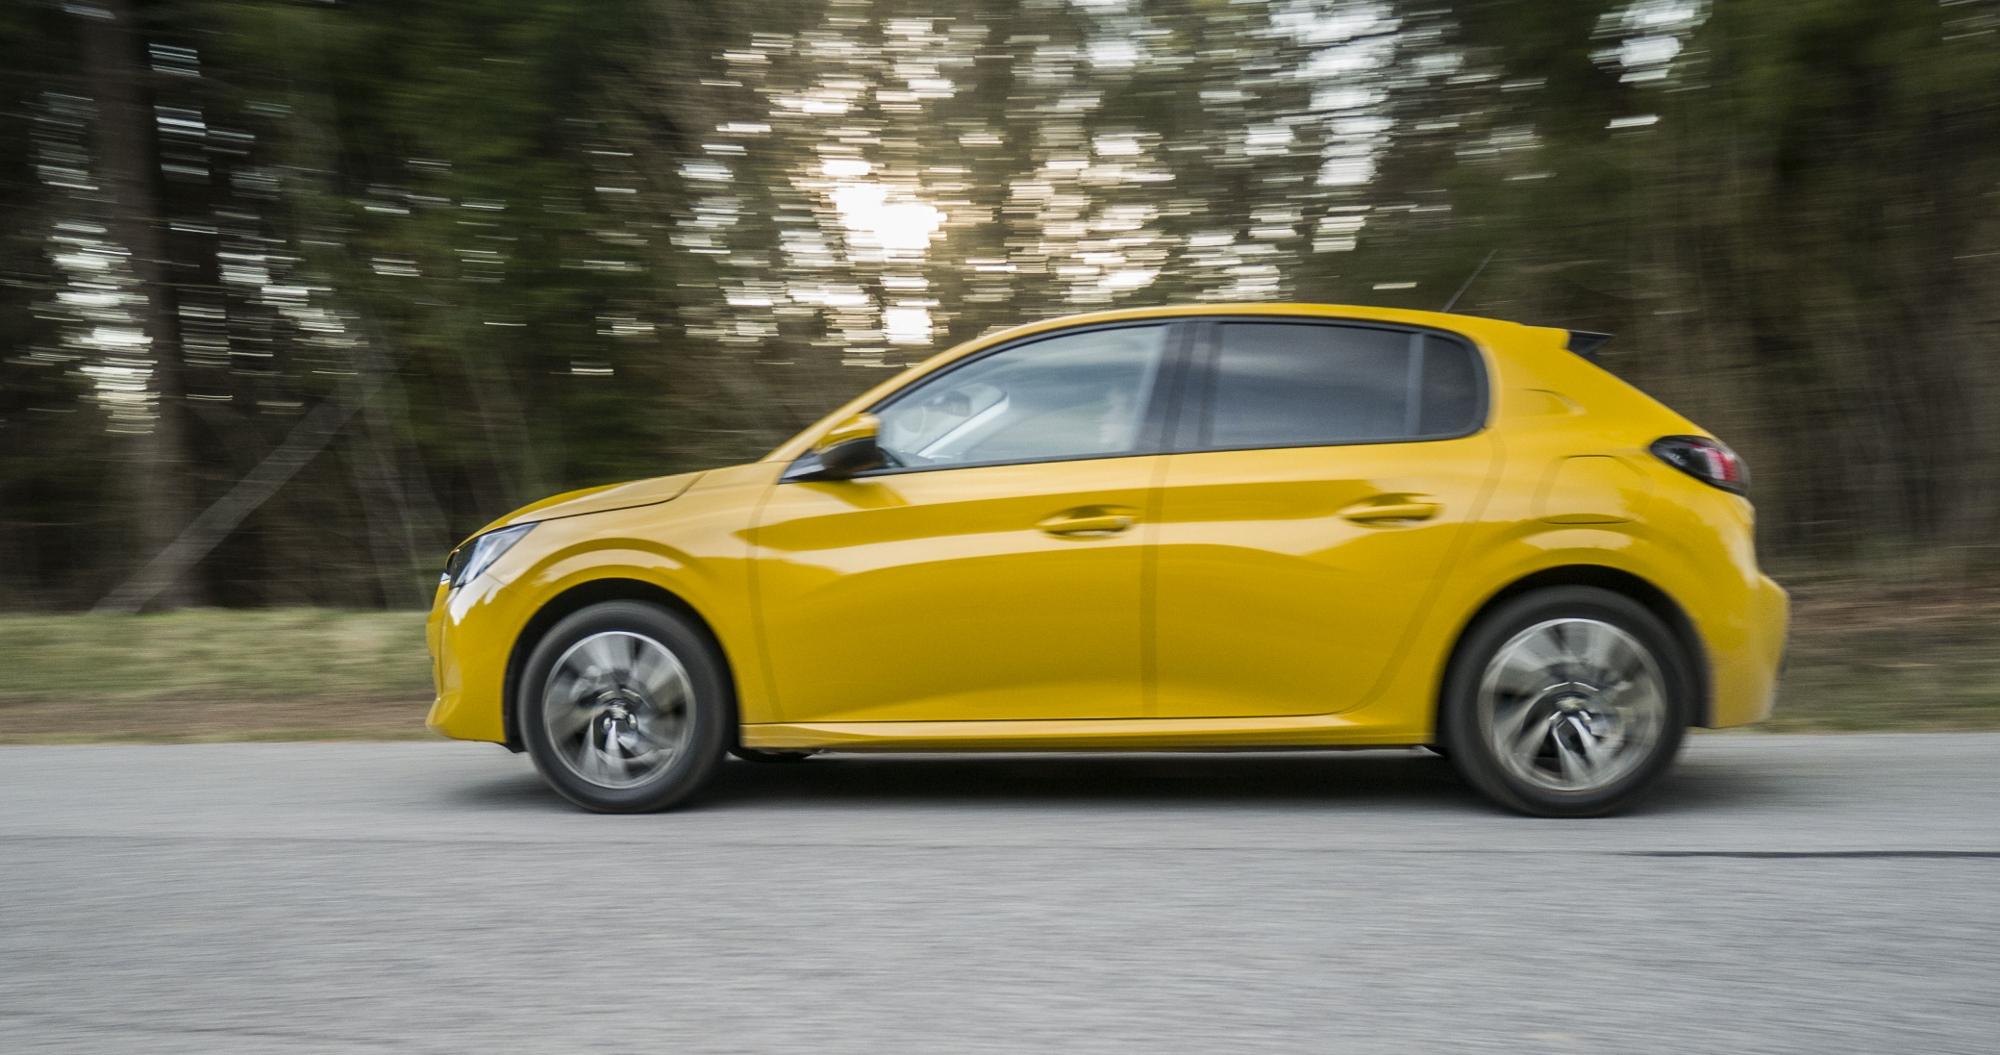 Test: Peugeot 208 prekvapivo pútal pohľady pV8OTUqTDv peugeot-208-8